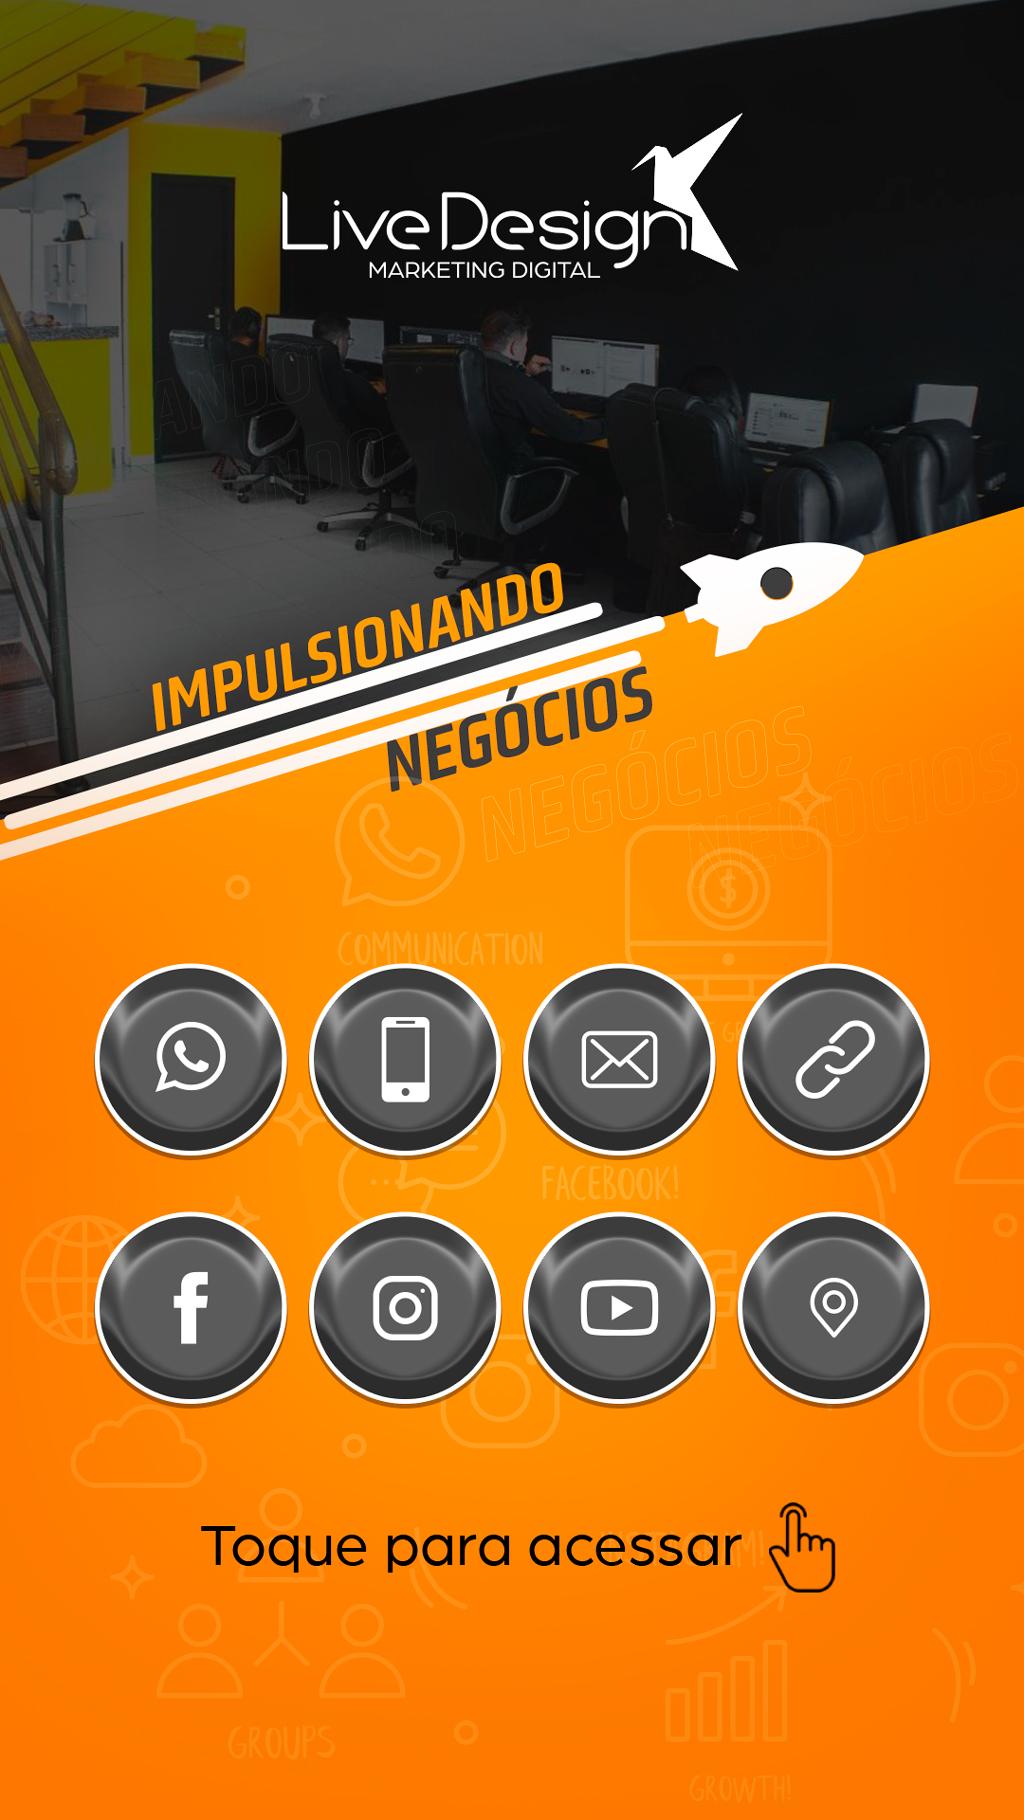 criacao-cartao-digital-identidade-visual-marketing-agencia-live-design